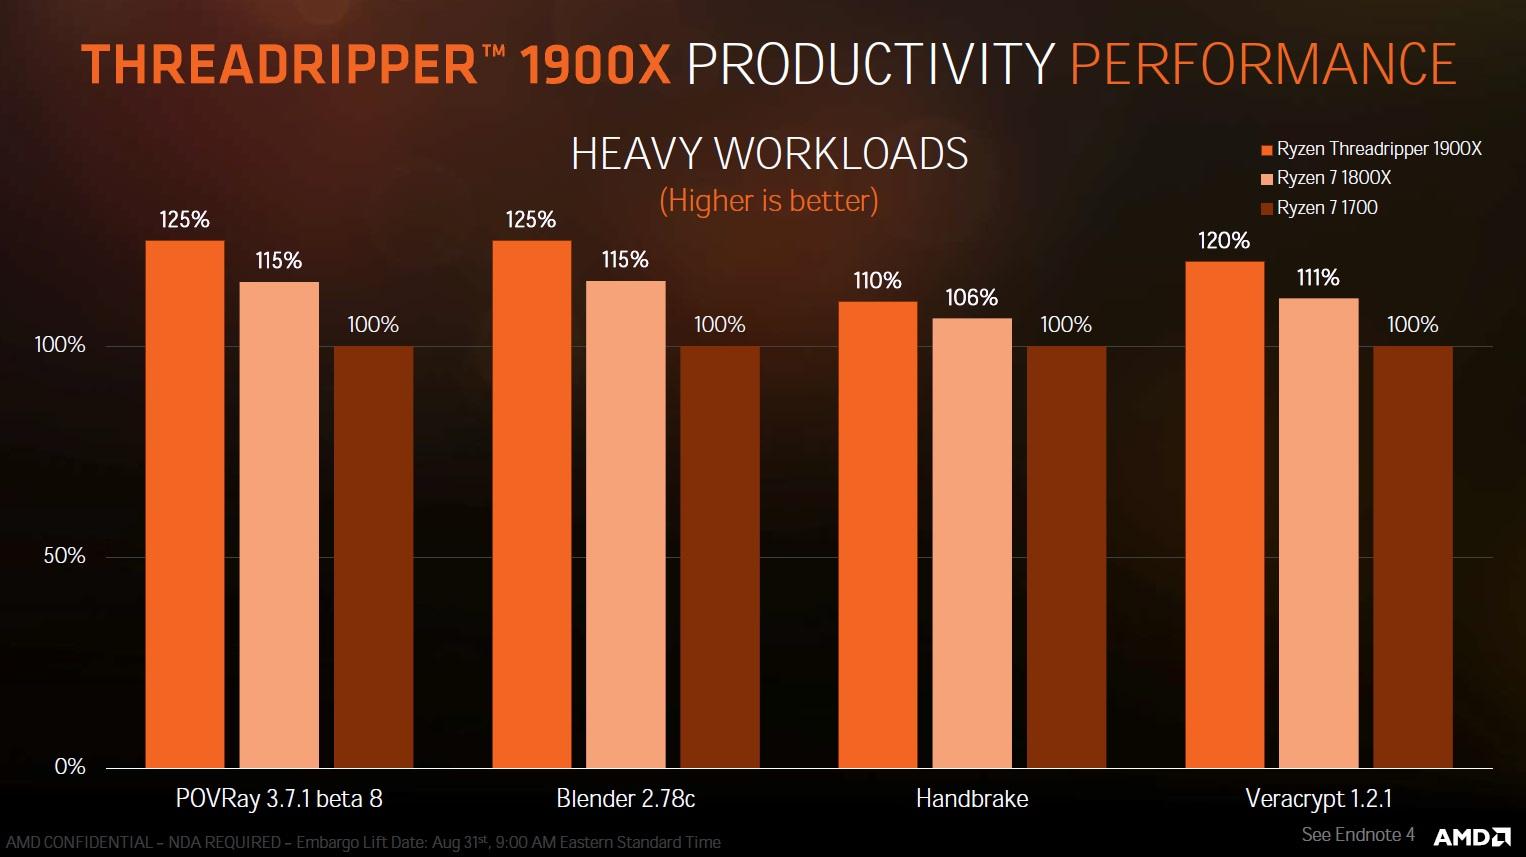 AMD lanza los Threadripper 1900X, especificaciones y precio 37